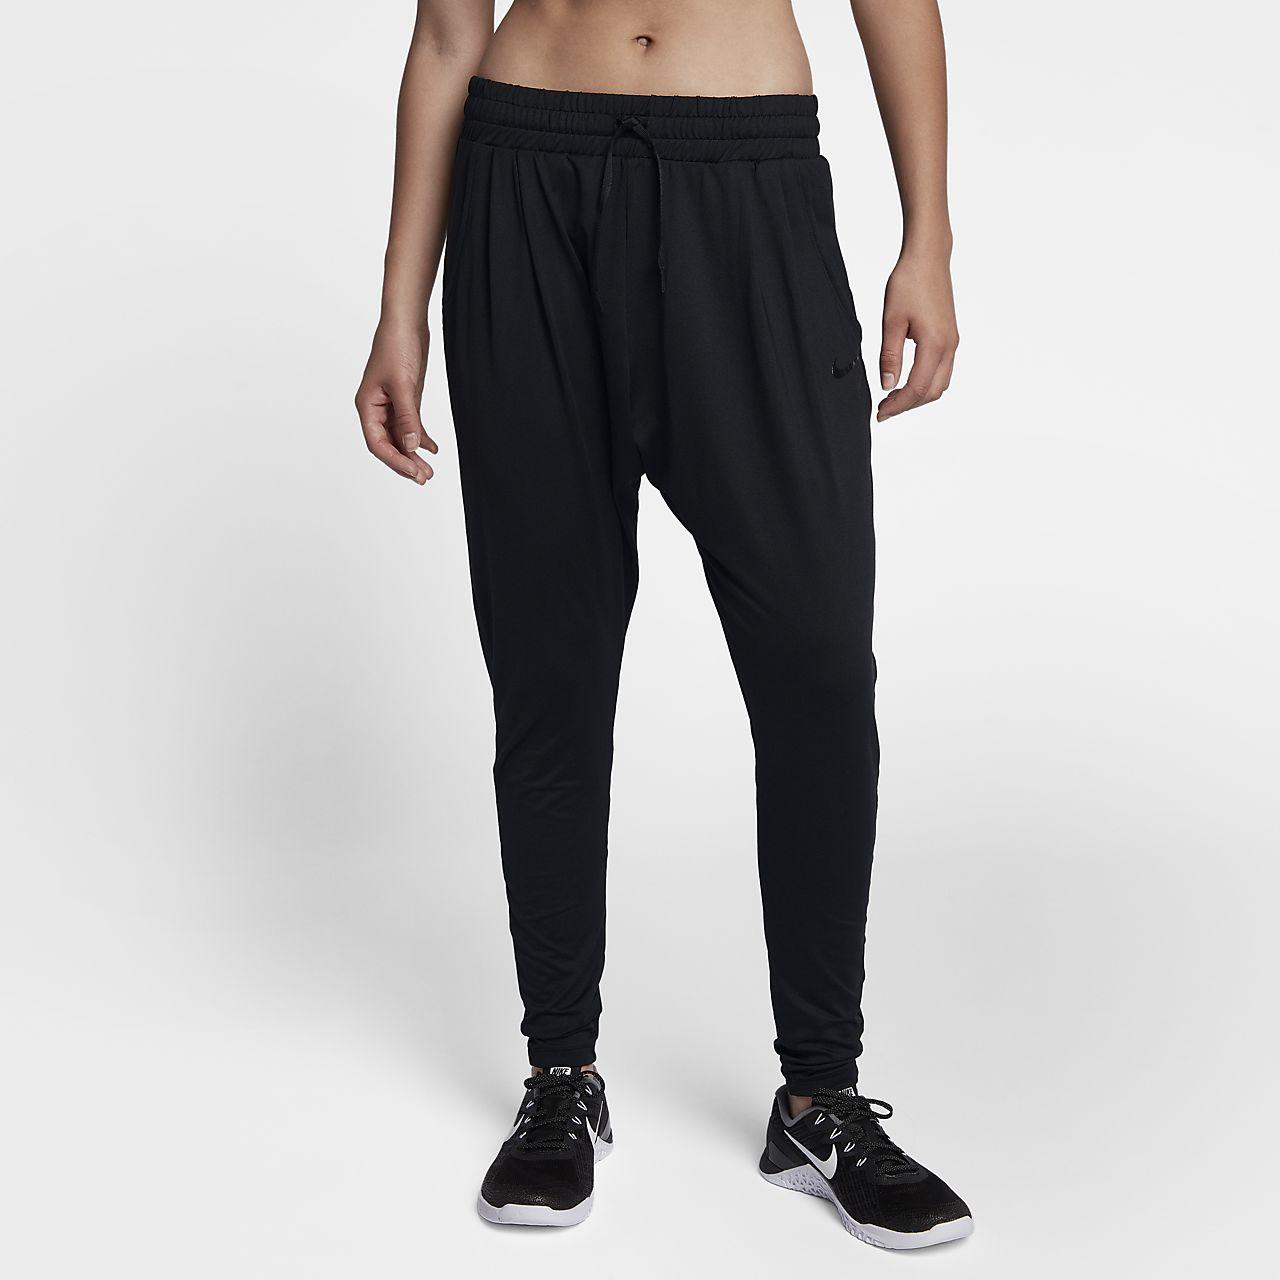 d12d29d5cc7962 Nike Dri-FIT Lux Flow Damen-Trainingshose mit halbhohem Bund. Nike ...